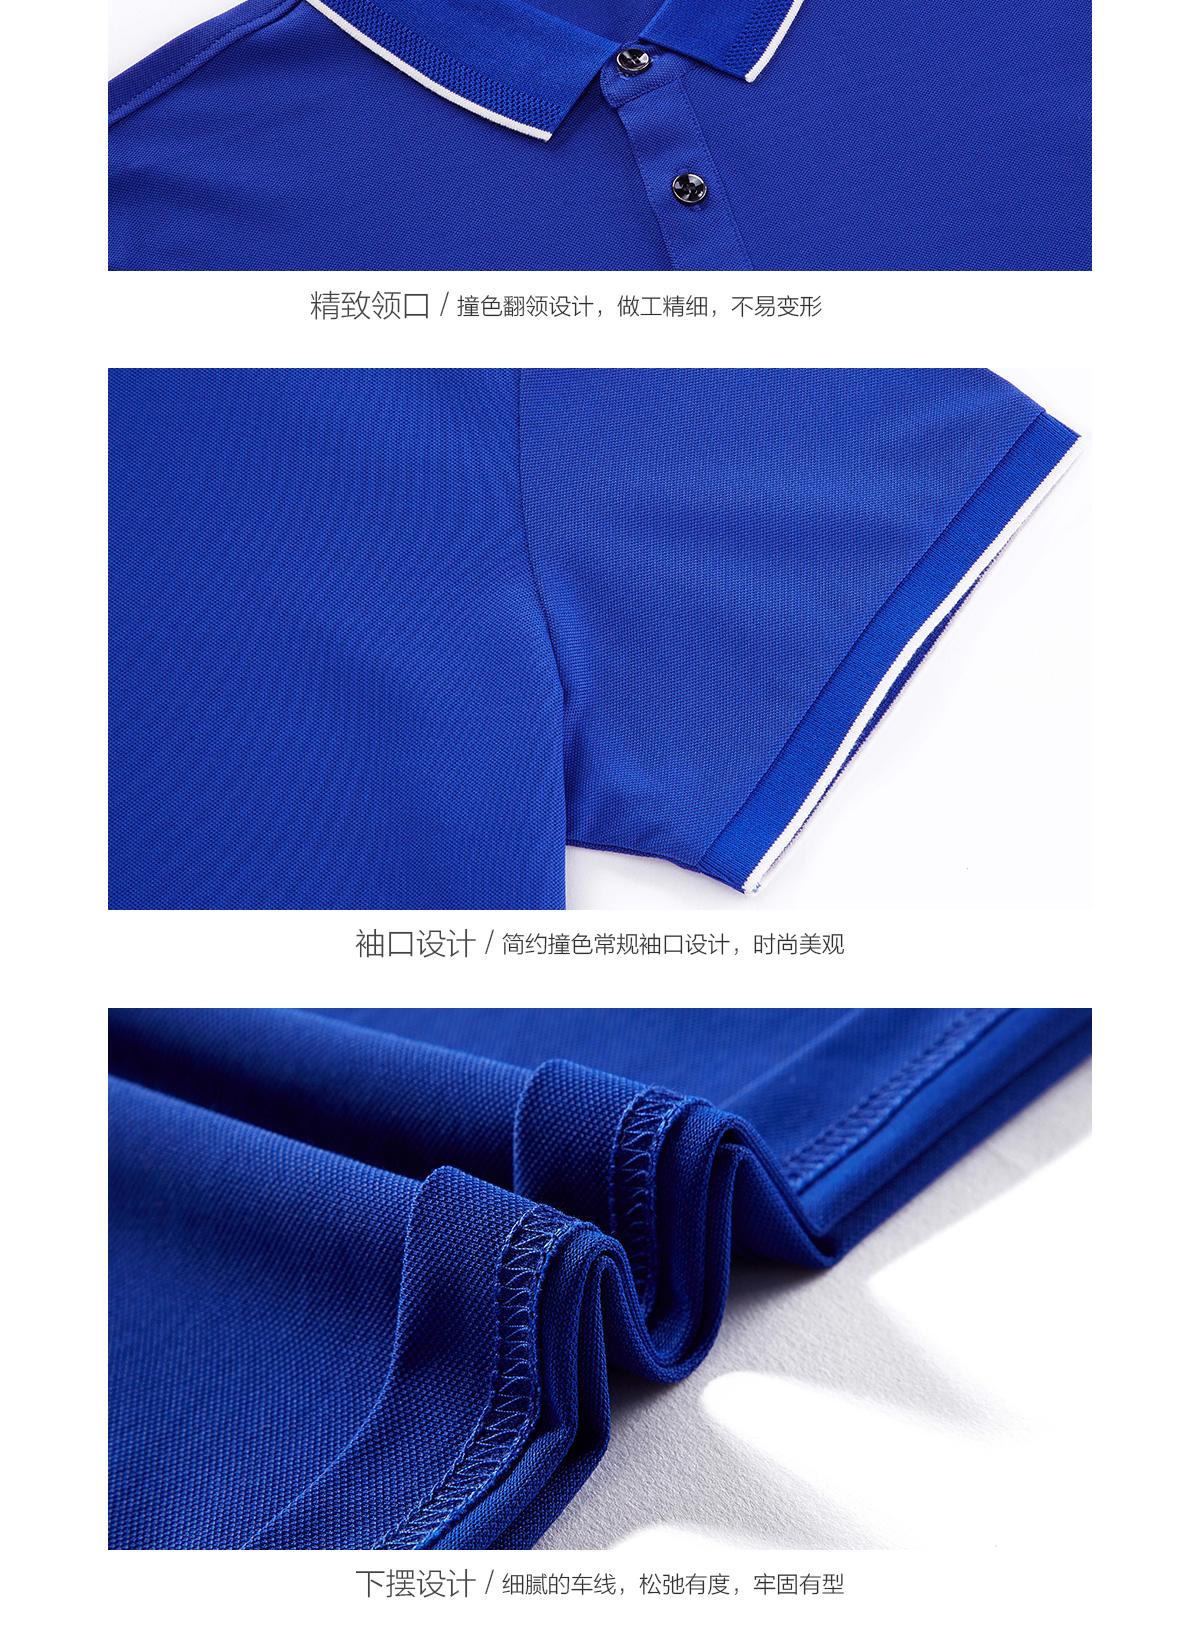 丝光棉文化衫